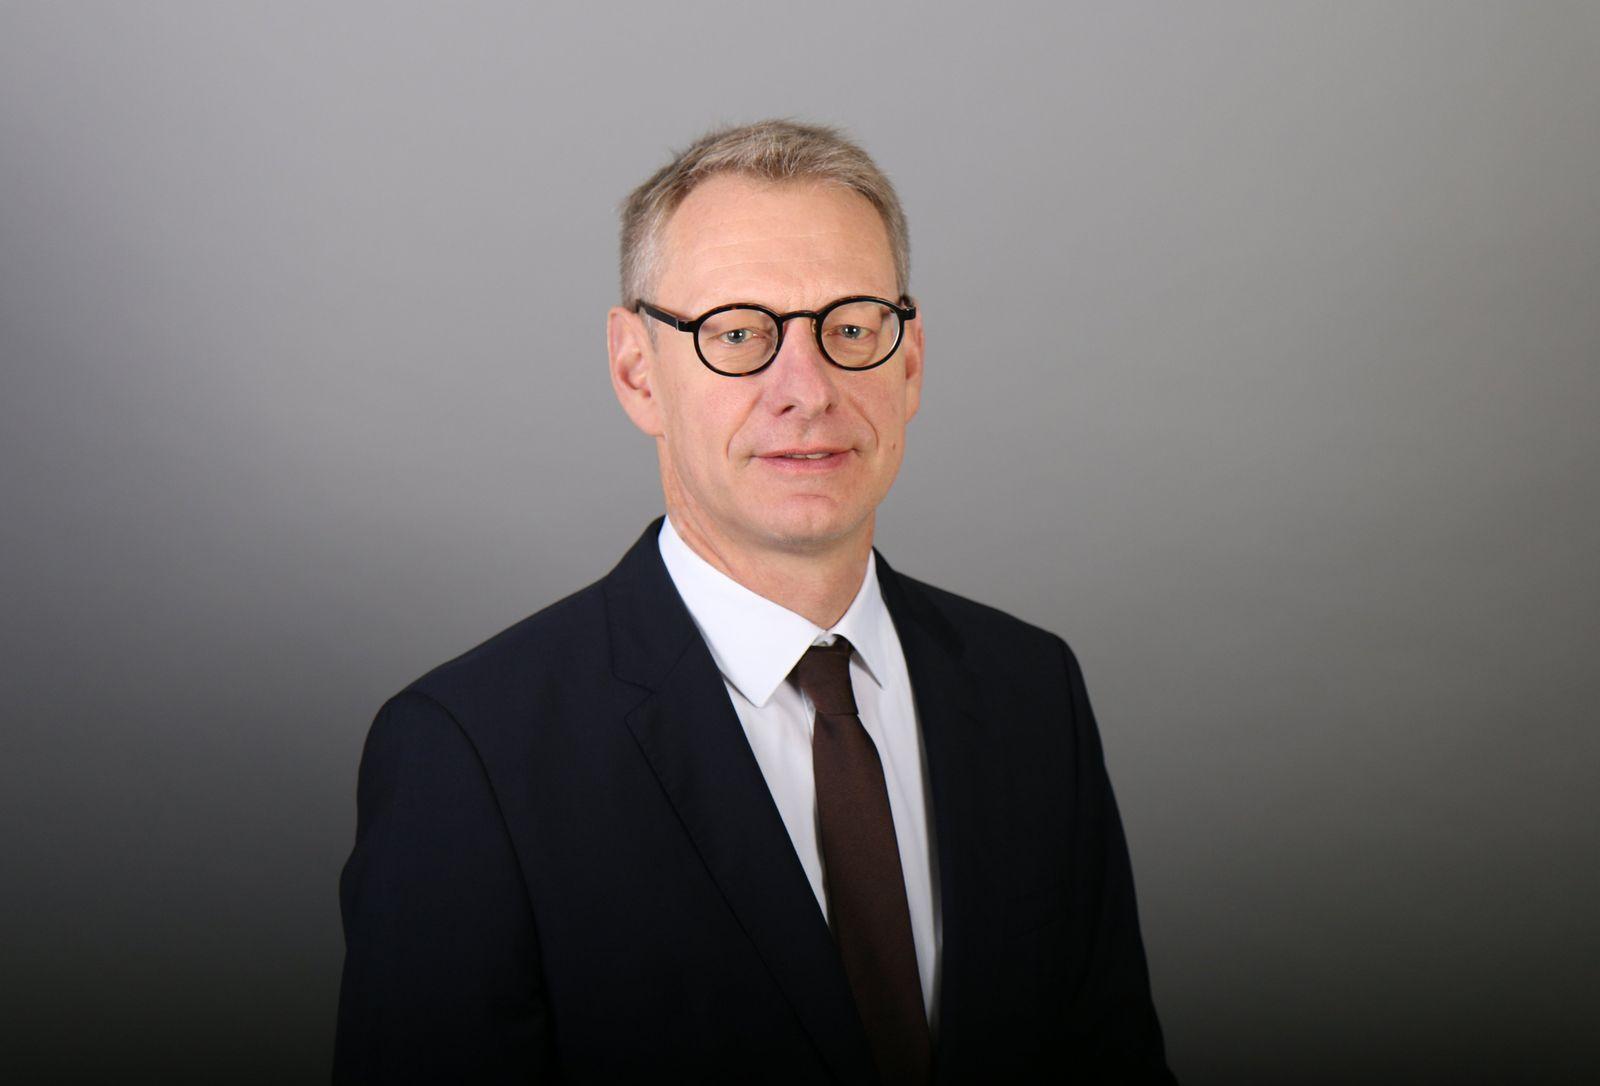 Sportökonom Christoph Breuer